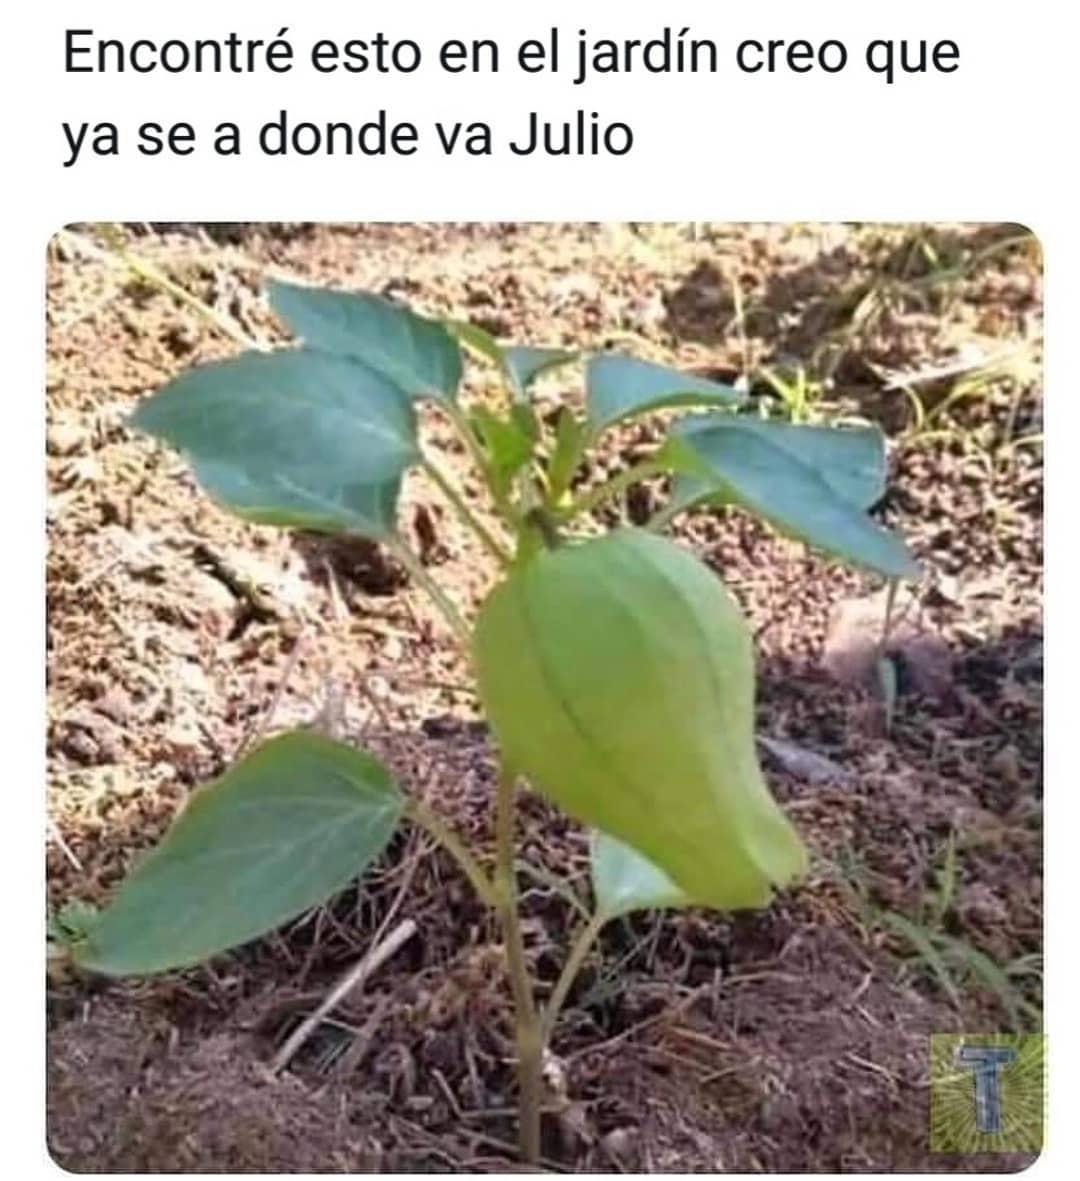 Encontré esto en el jardín creo que ya se a donde va Julio.